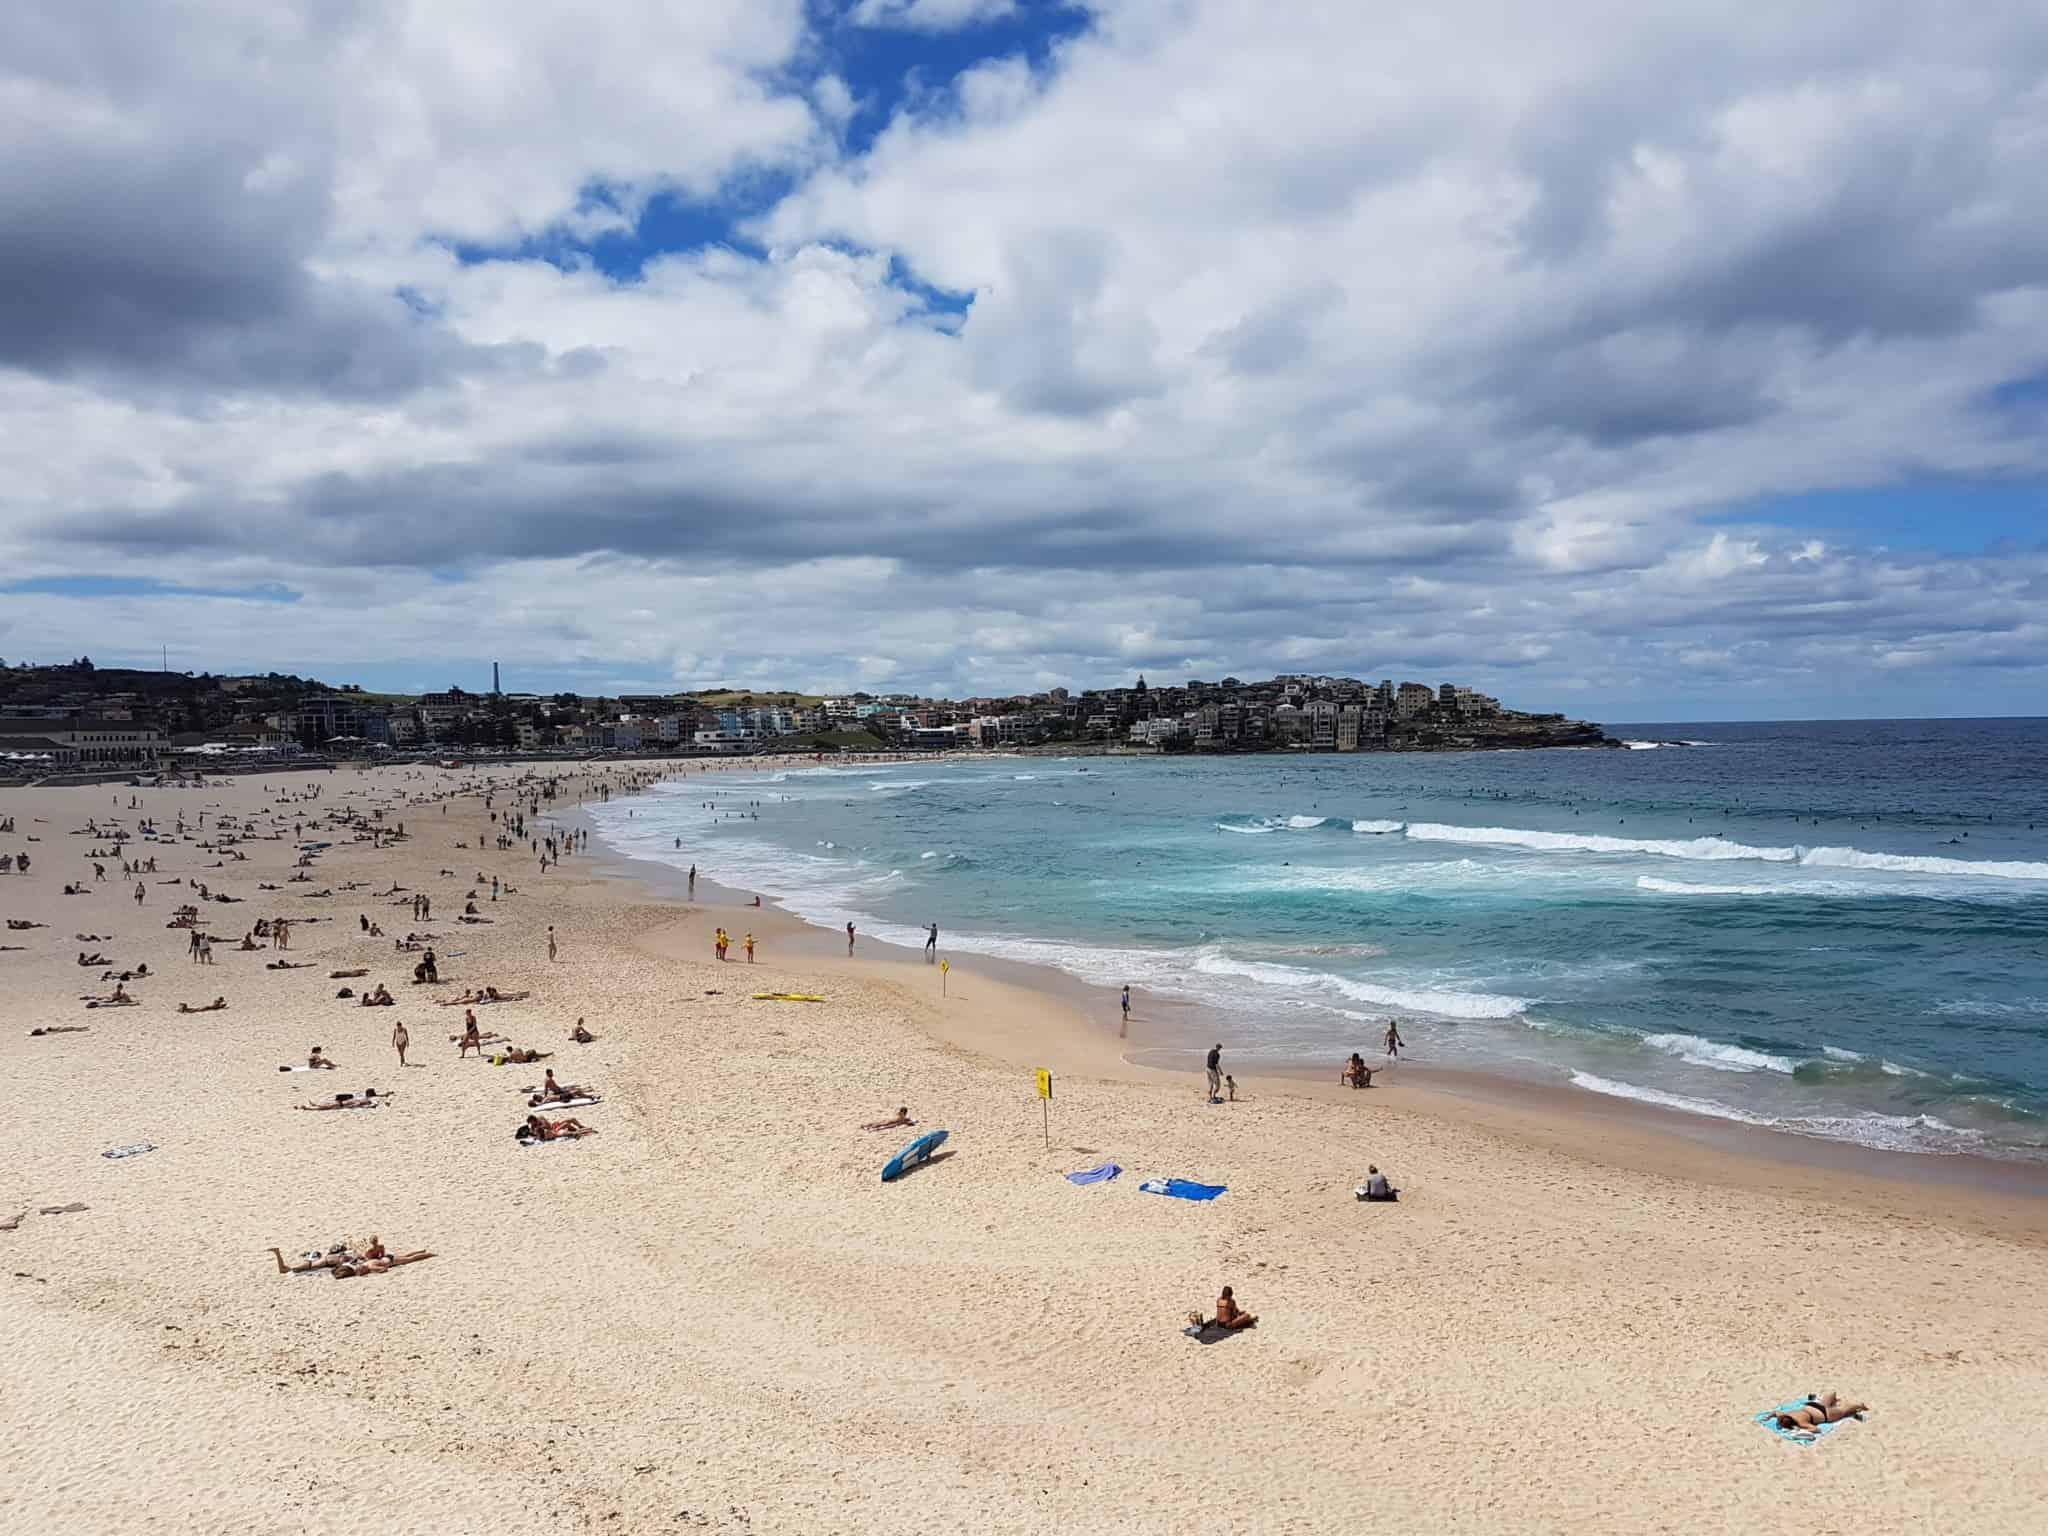 Australie, trois jours dans le quartier de Bondi Beach ⛱ 3